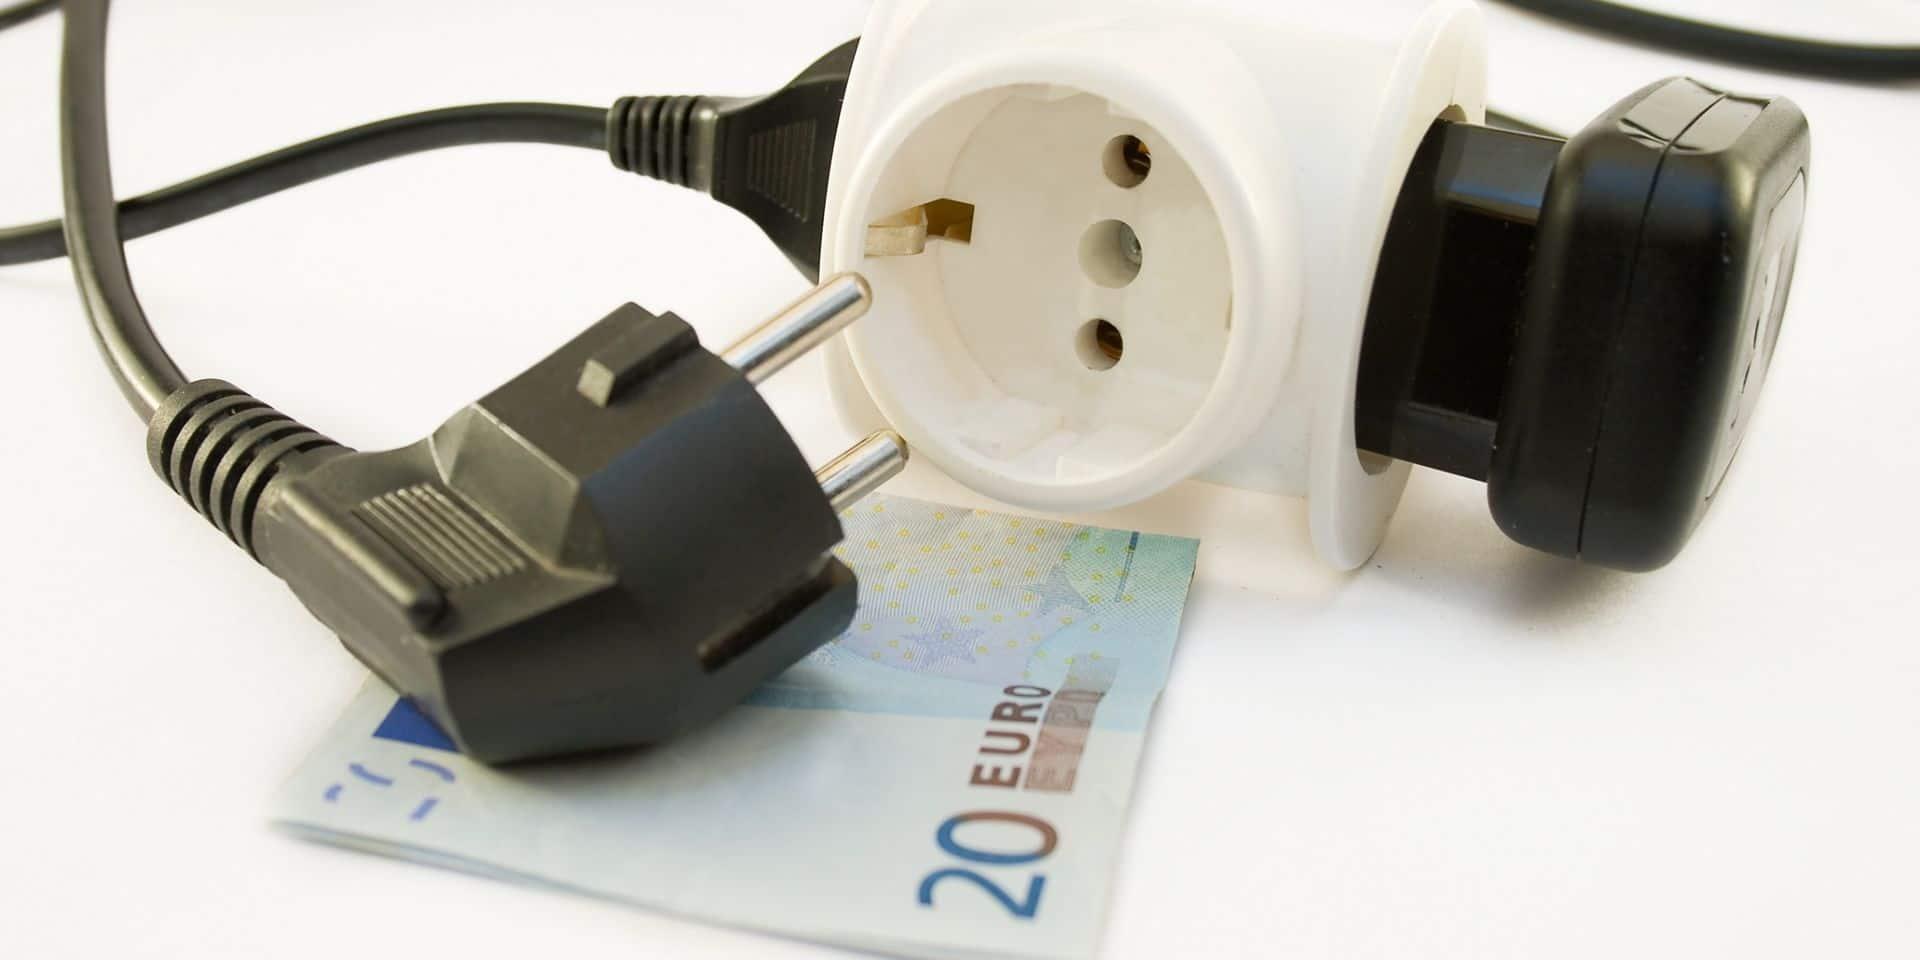 Des différences de prix jusqu'à 250 euros entre les intercommunales d'énergie